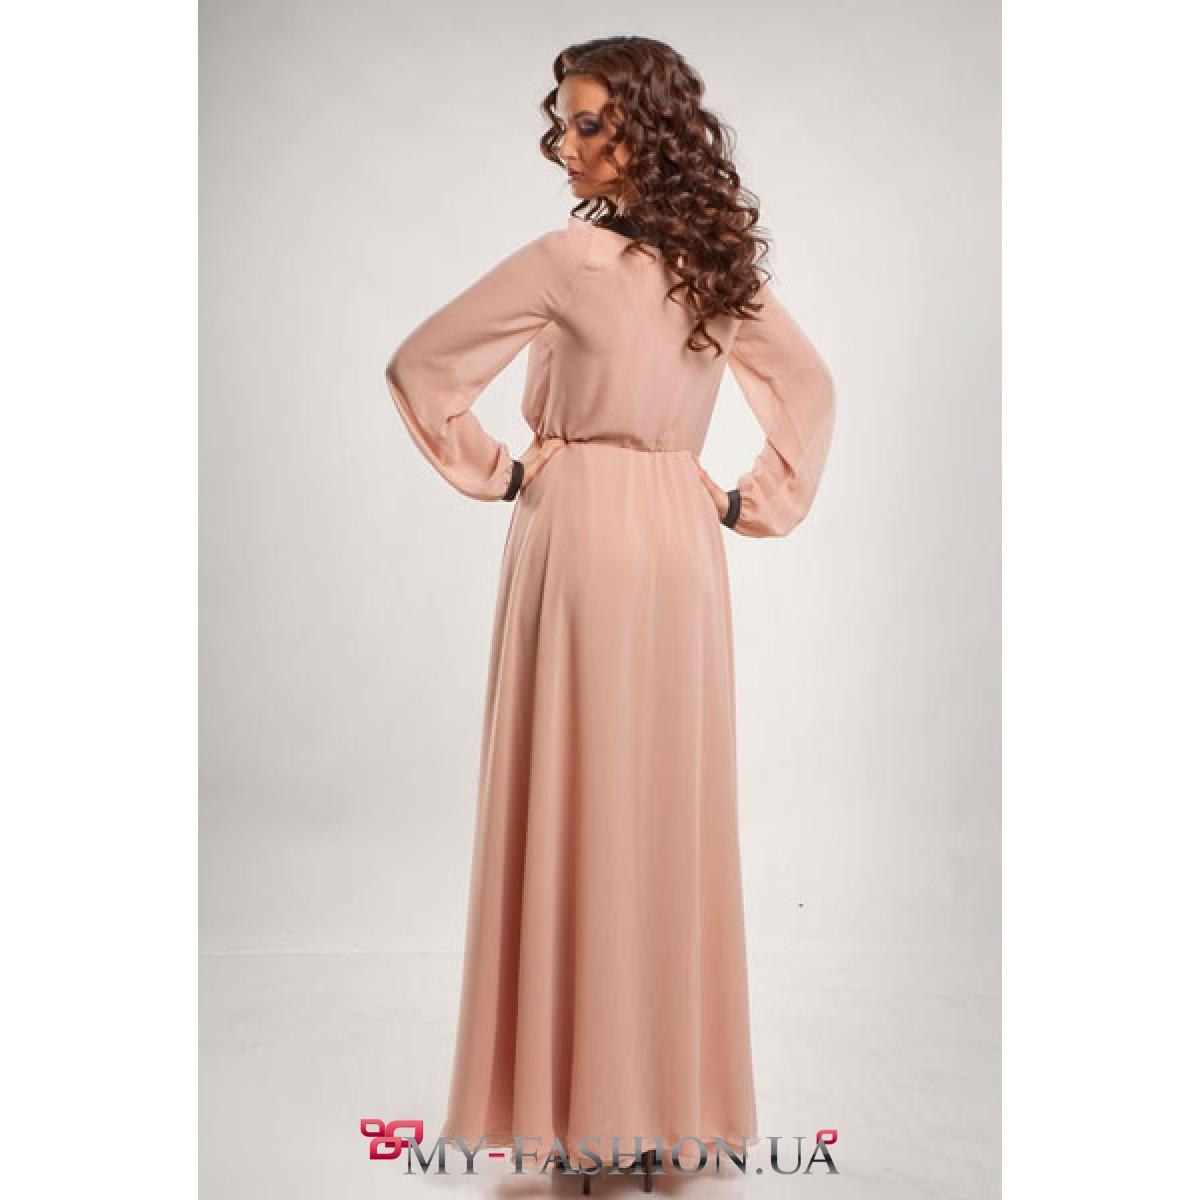 Купить красивое платье доставка